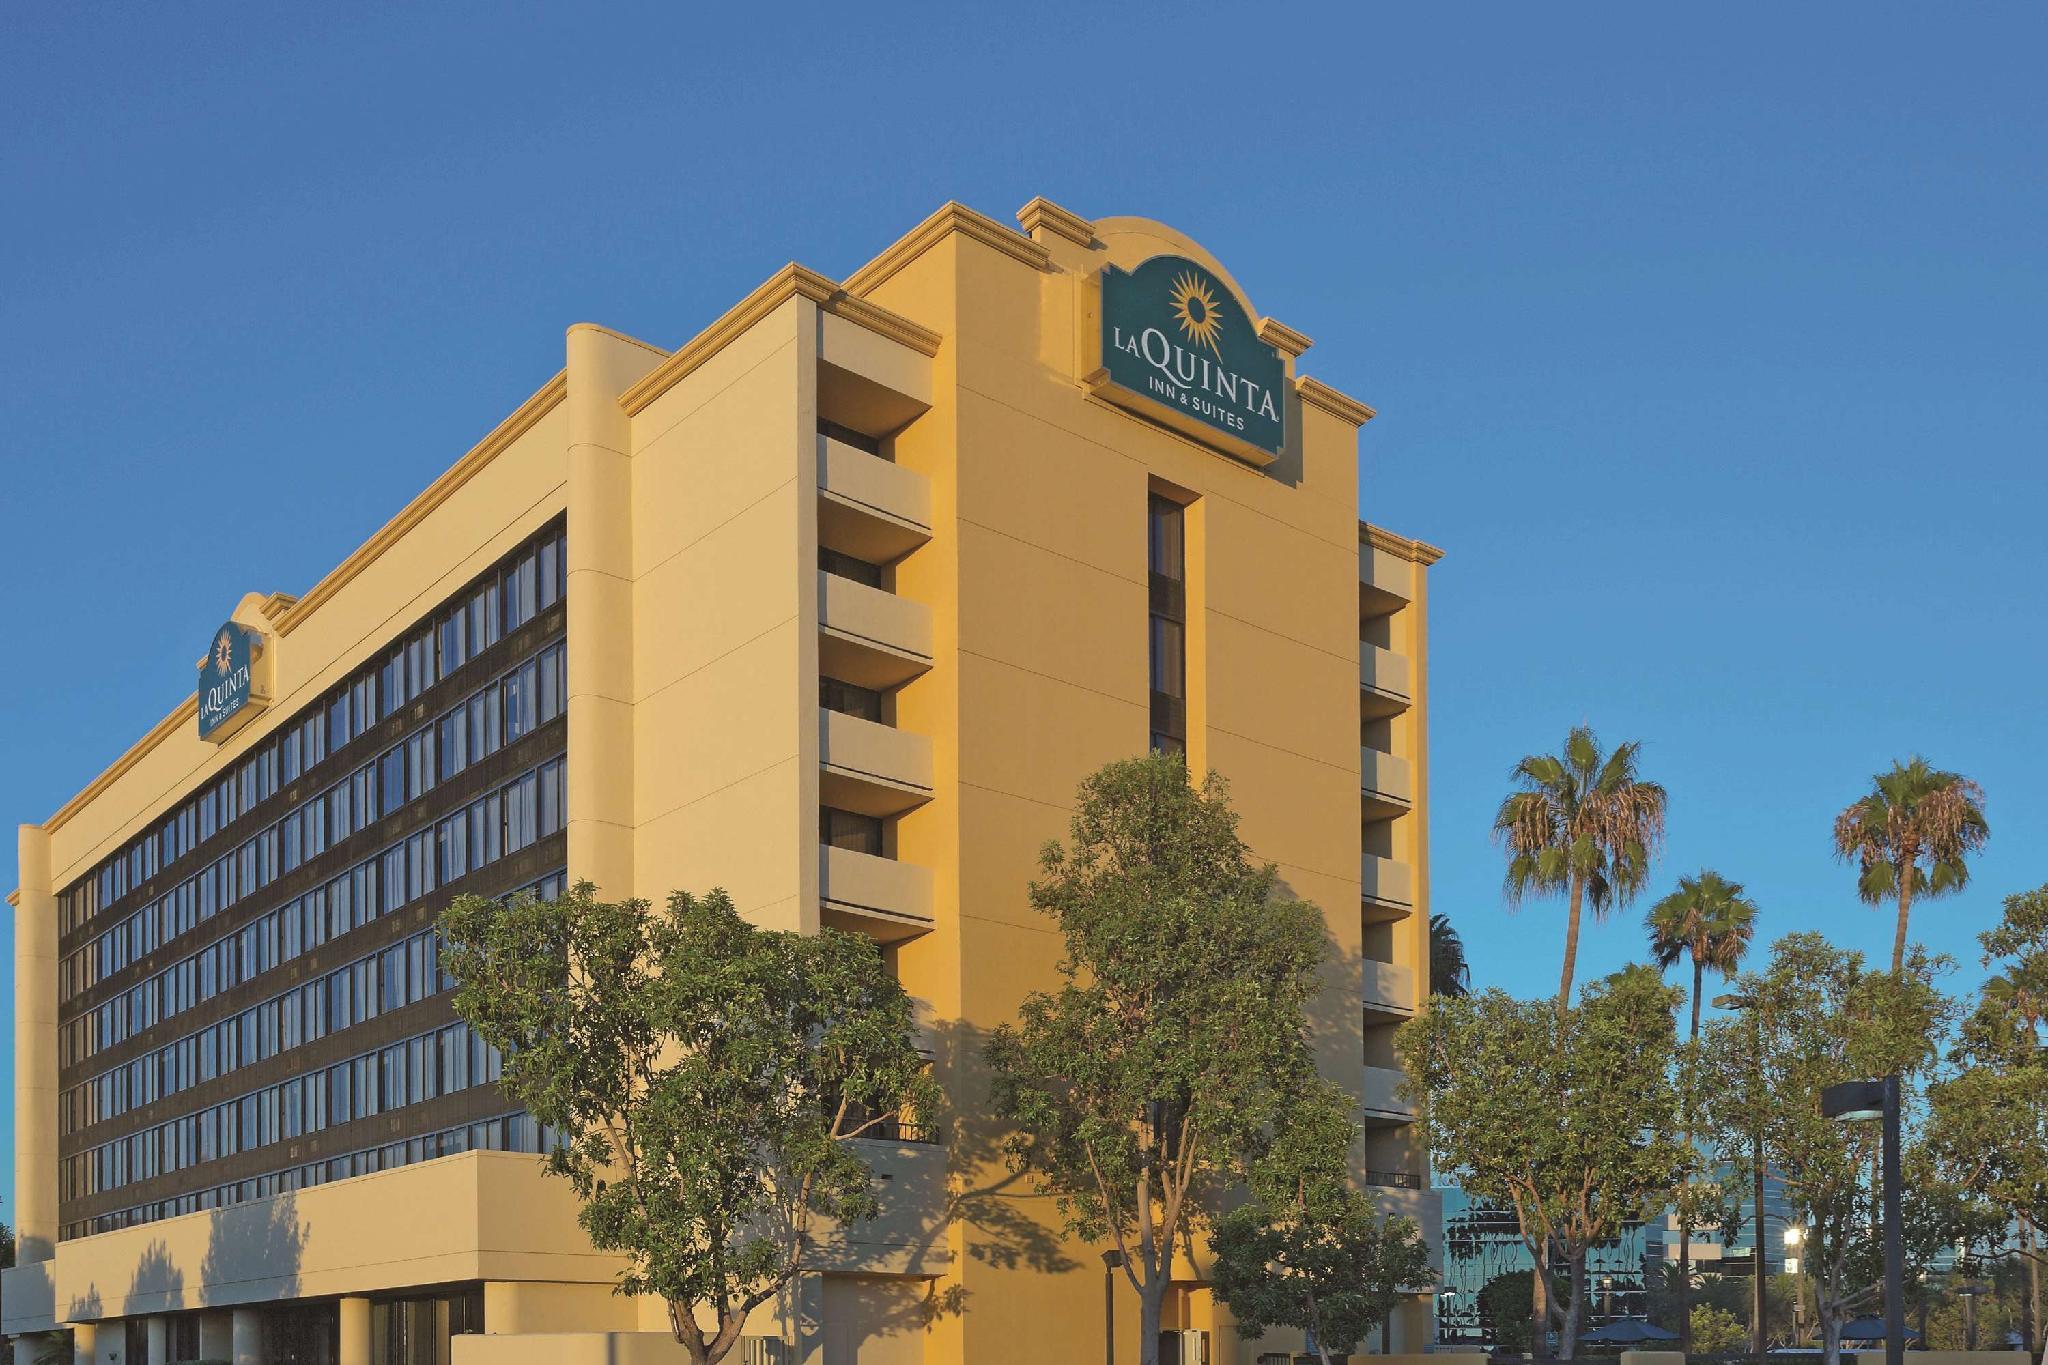 La Quinta Inn & Suites by Wyndham Buena Park